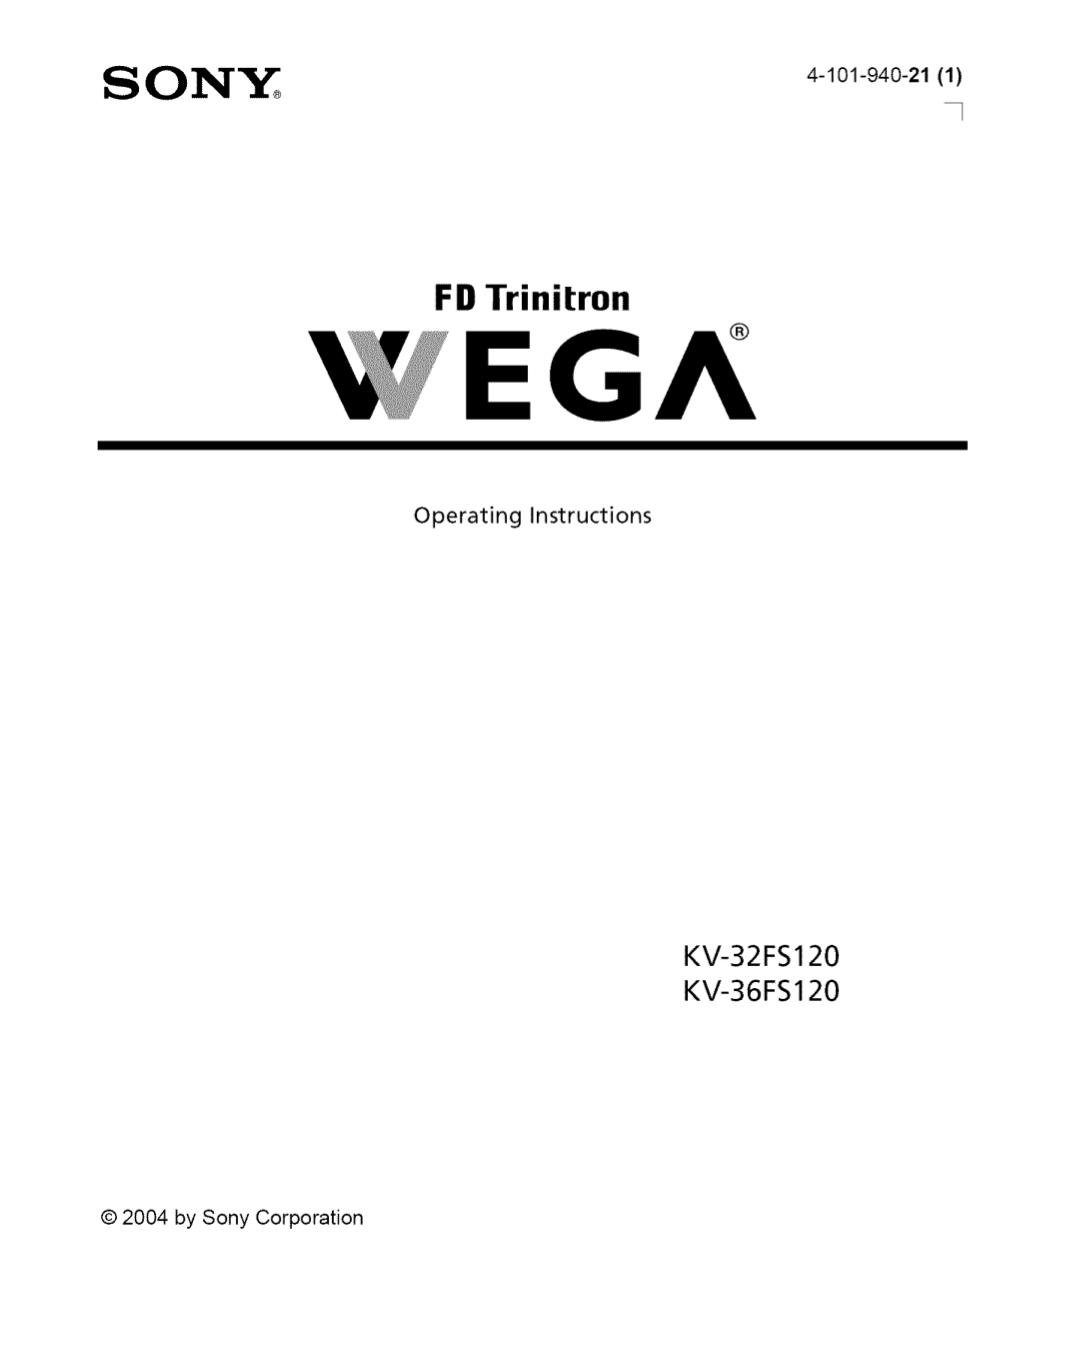 Download free pdf for Sony WEGA KV-32FS120 TV manual